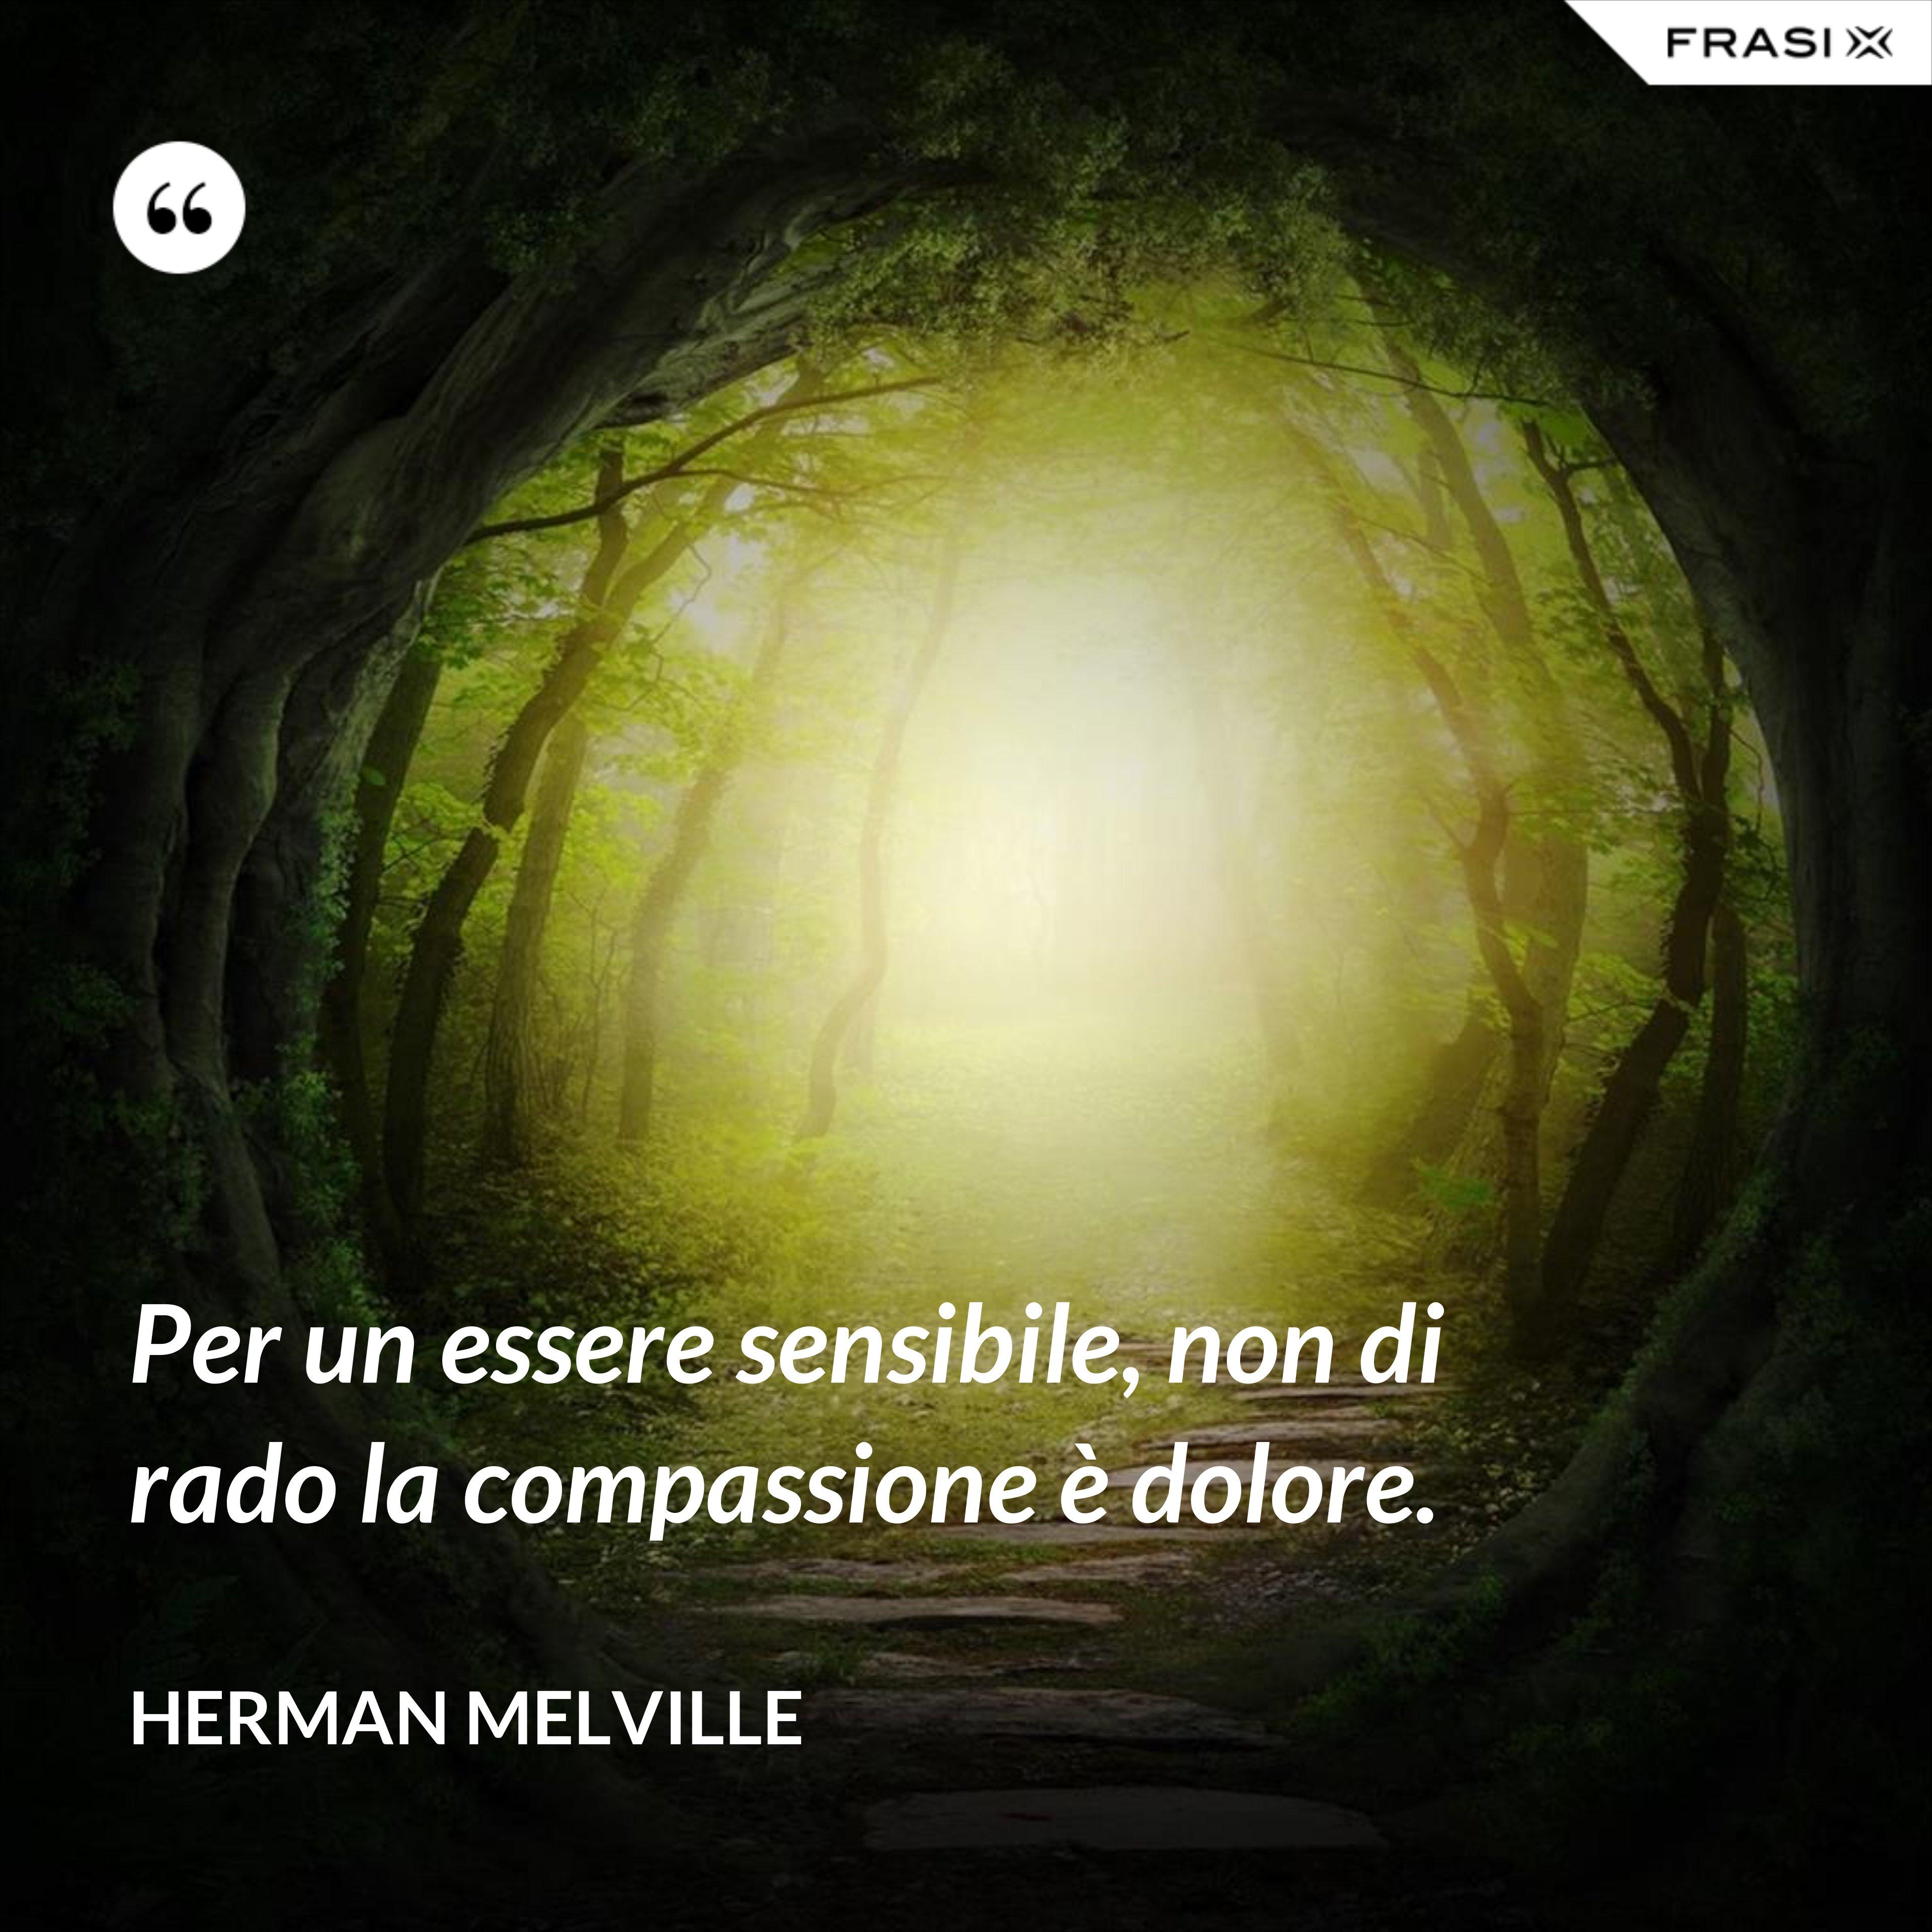 Per un essere sensibile, non di rado la compassione è dolore. - Herman Melville